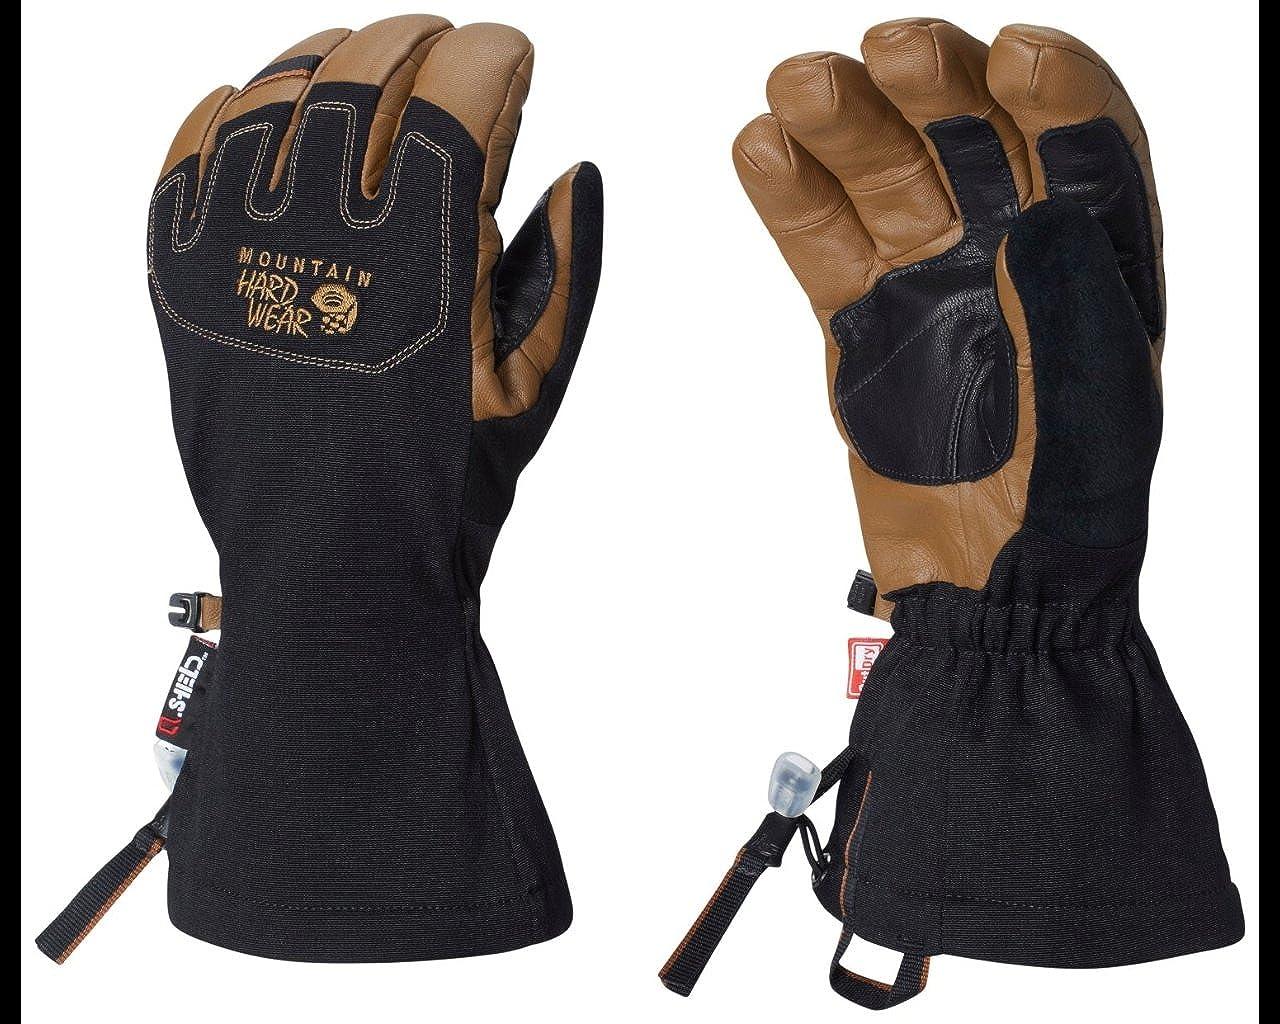 Mountain Hardwear Unisex Outdoor Minalist Outdry Gloves , Golden Brown, M